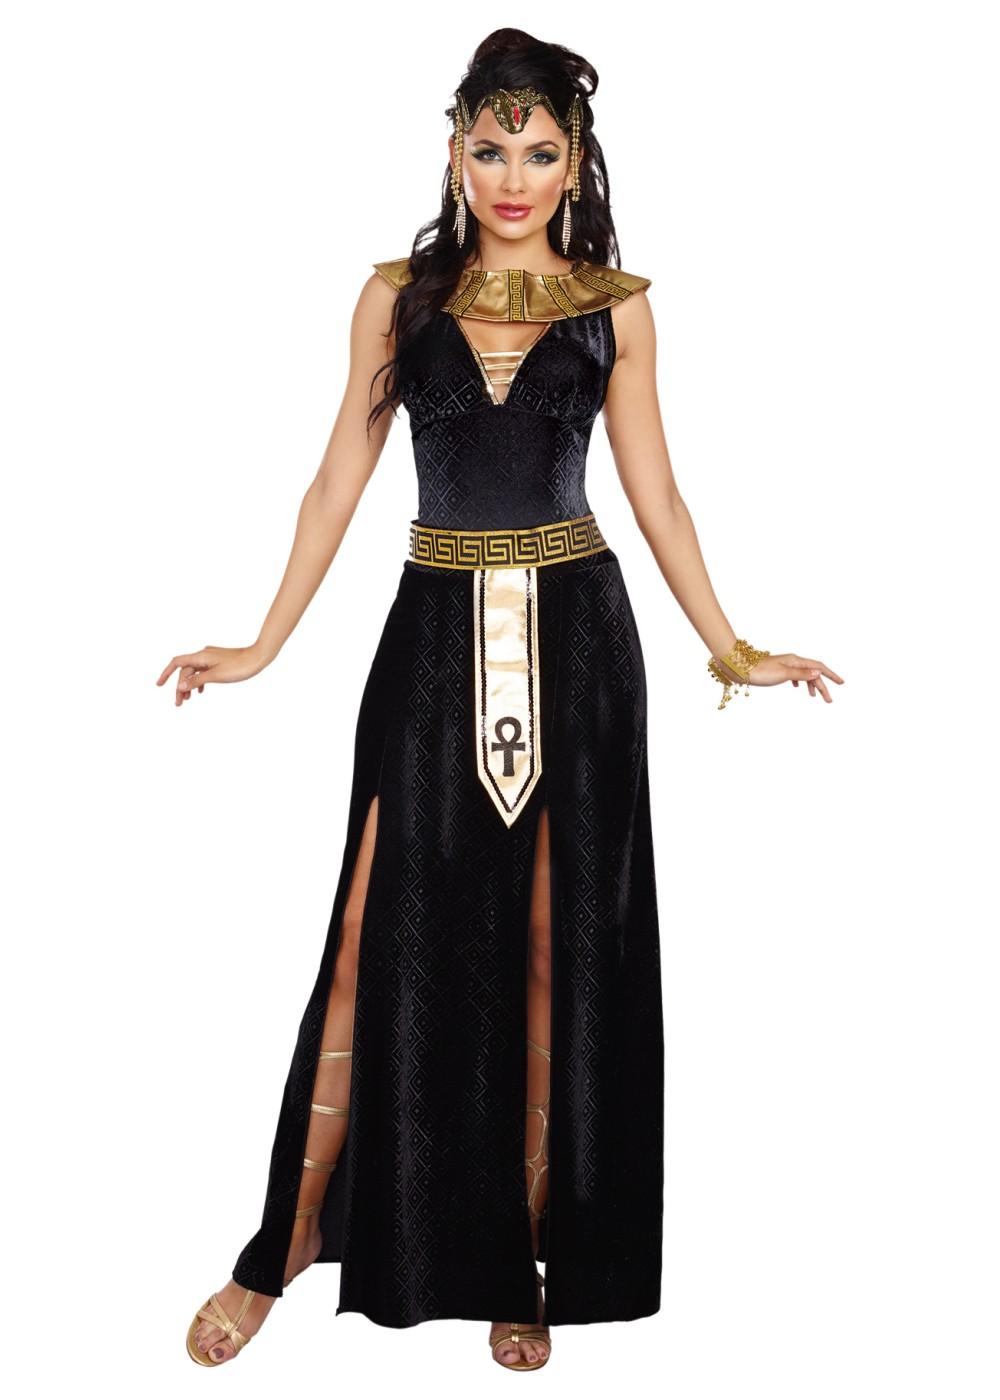 Women Costumes - Trendy Women's Halloween Costume